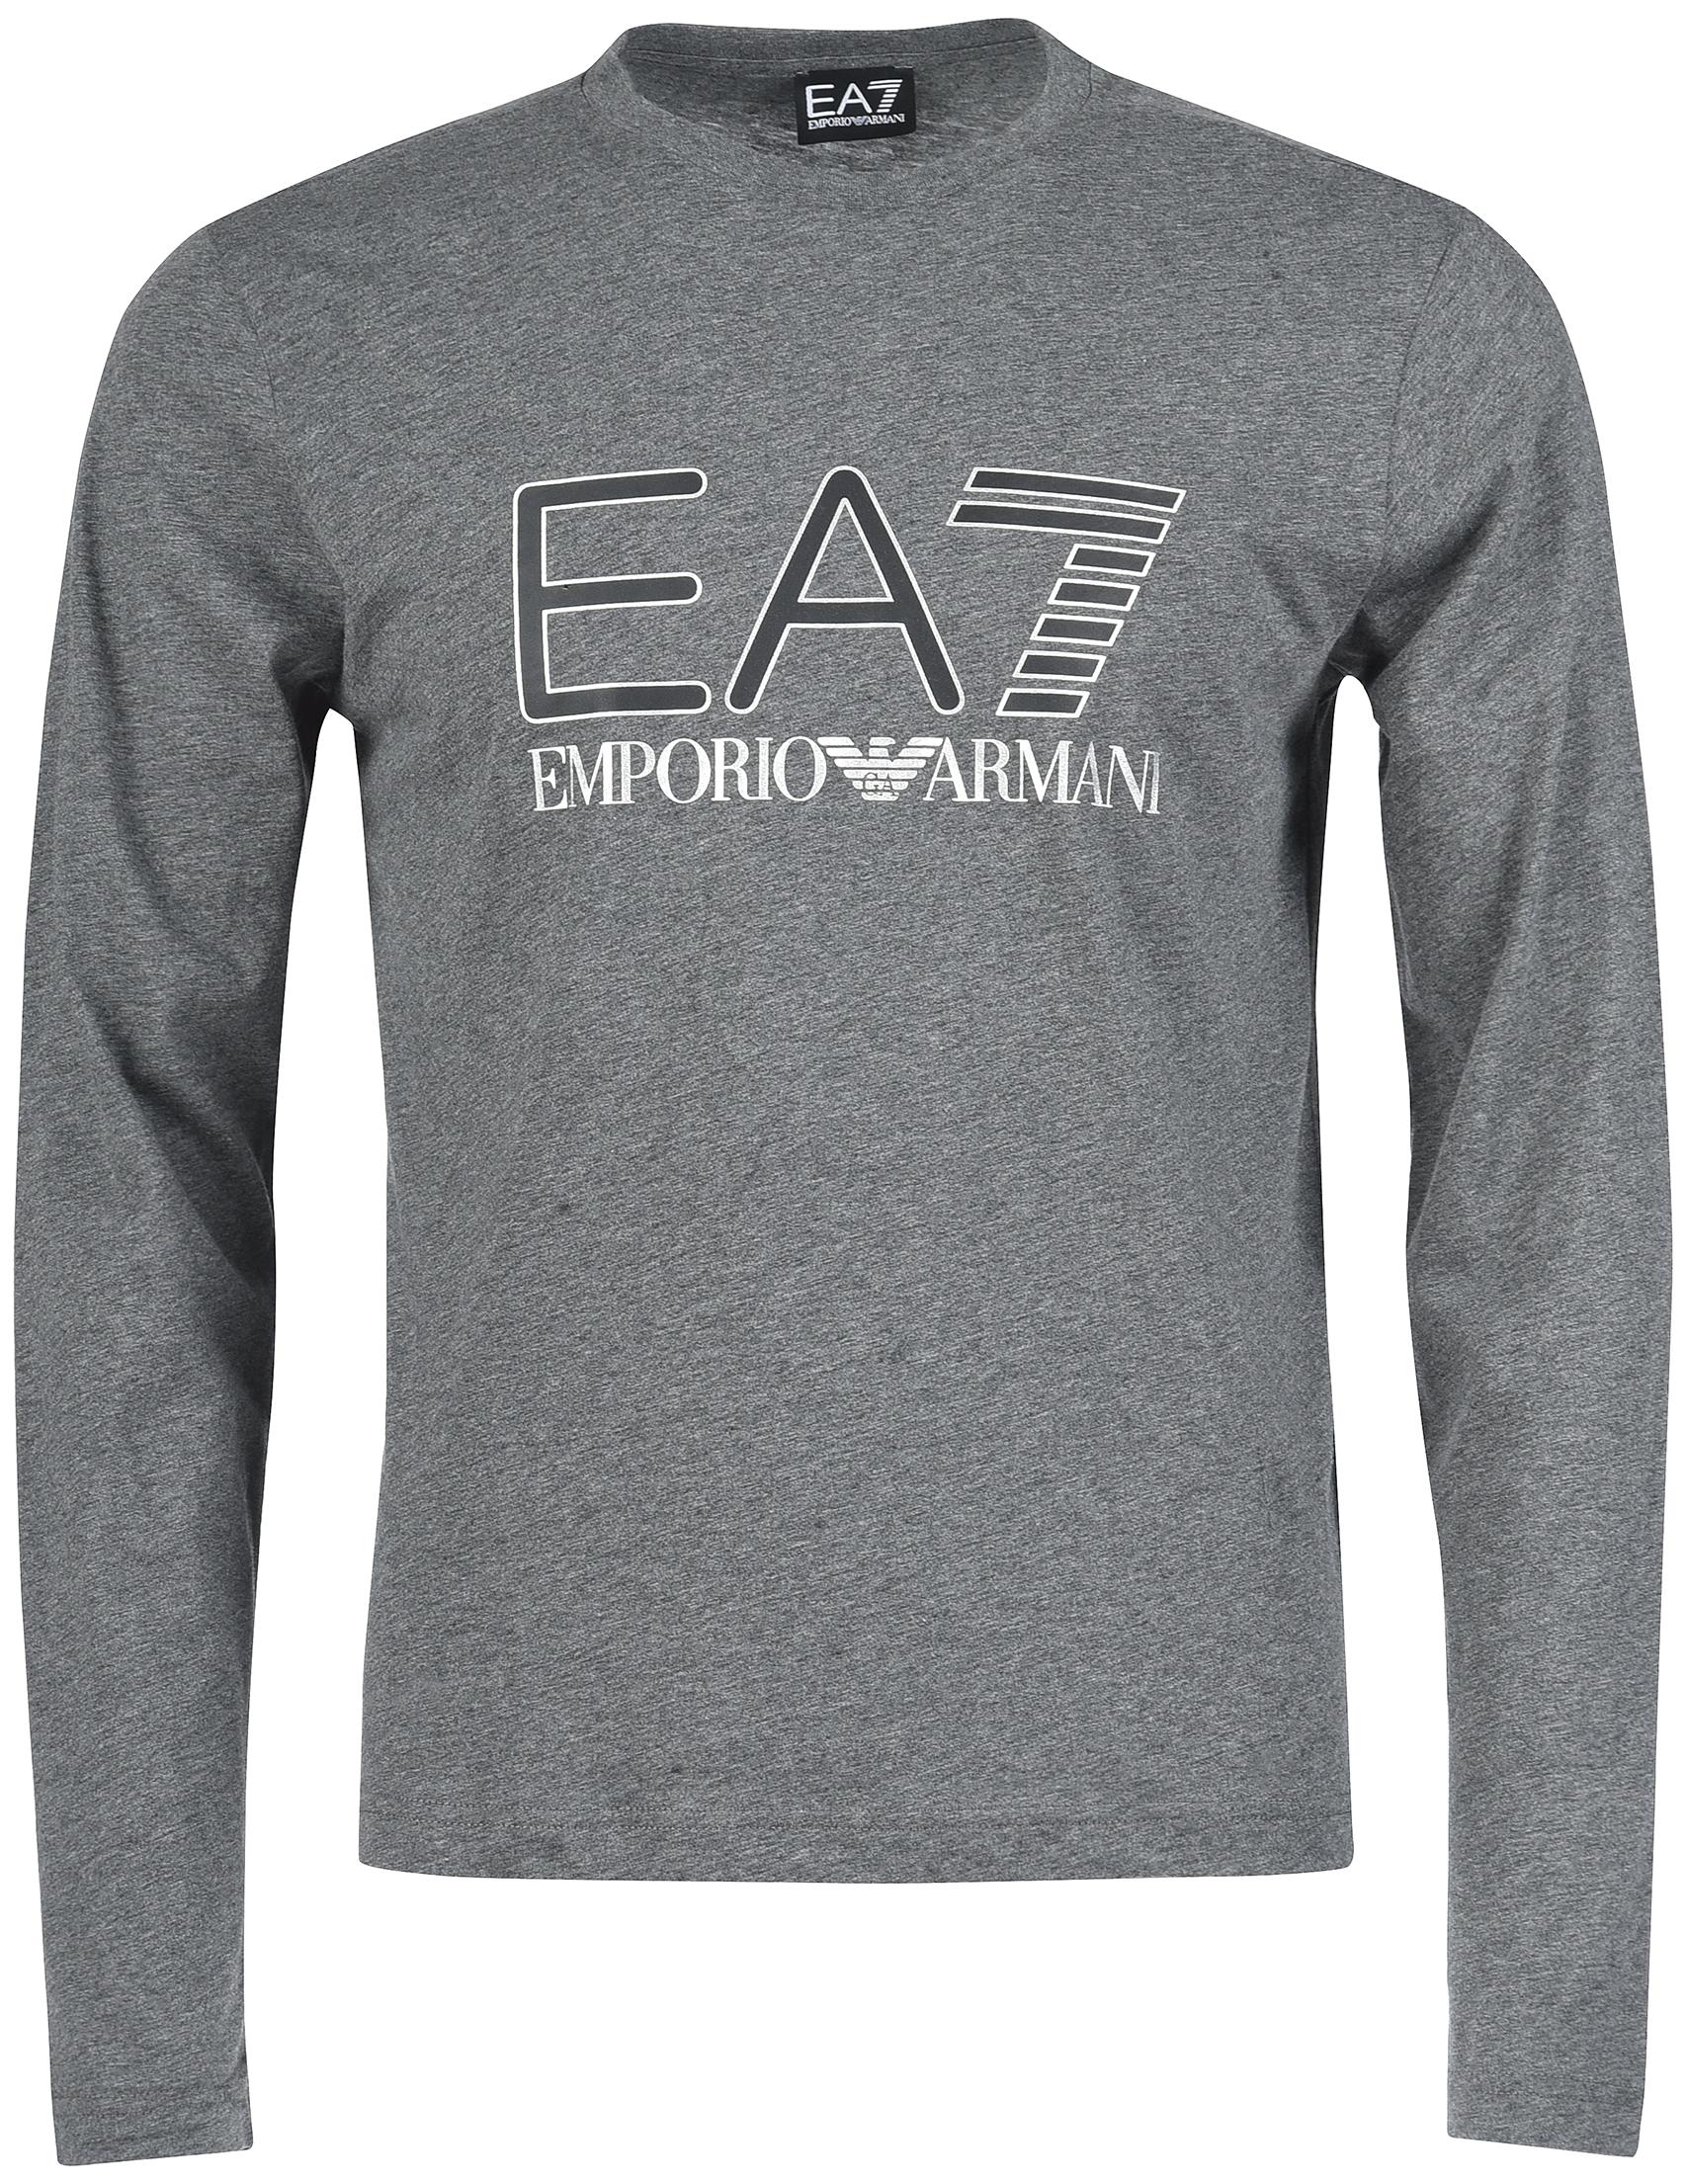 Купить Футболки с рукавом, Футболка, EA7 EMPORIO ARMANI, Серый, 100%Хлопок, Осень-Зима